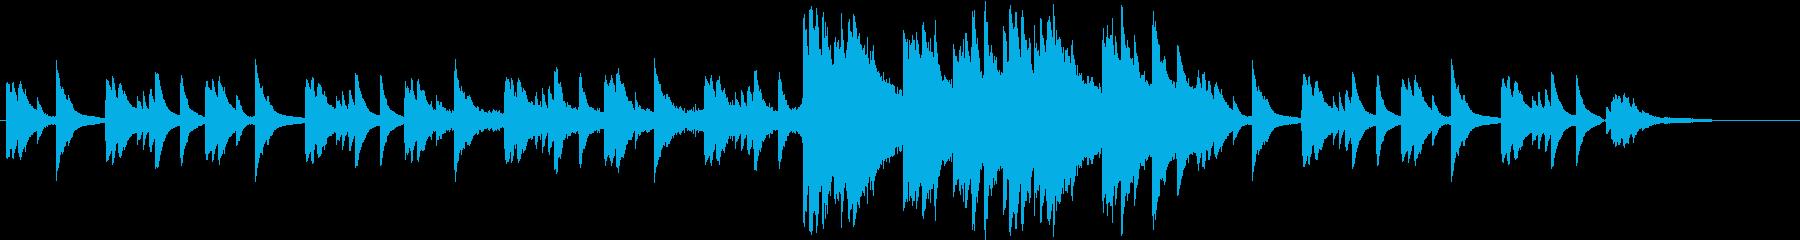 ピアノがメインのアンビなインストですの再生済みの波形